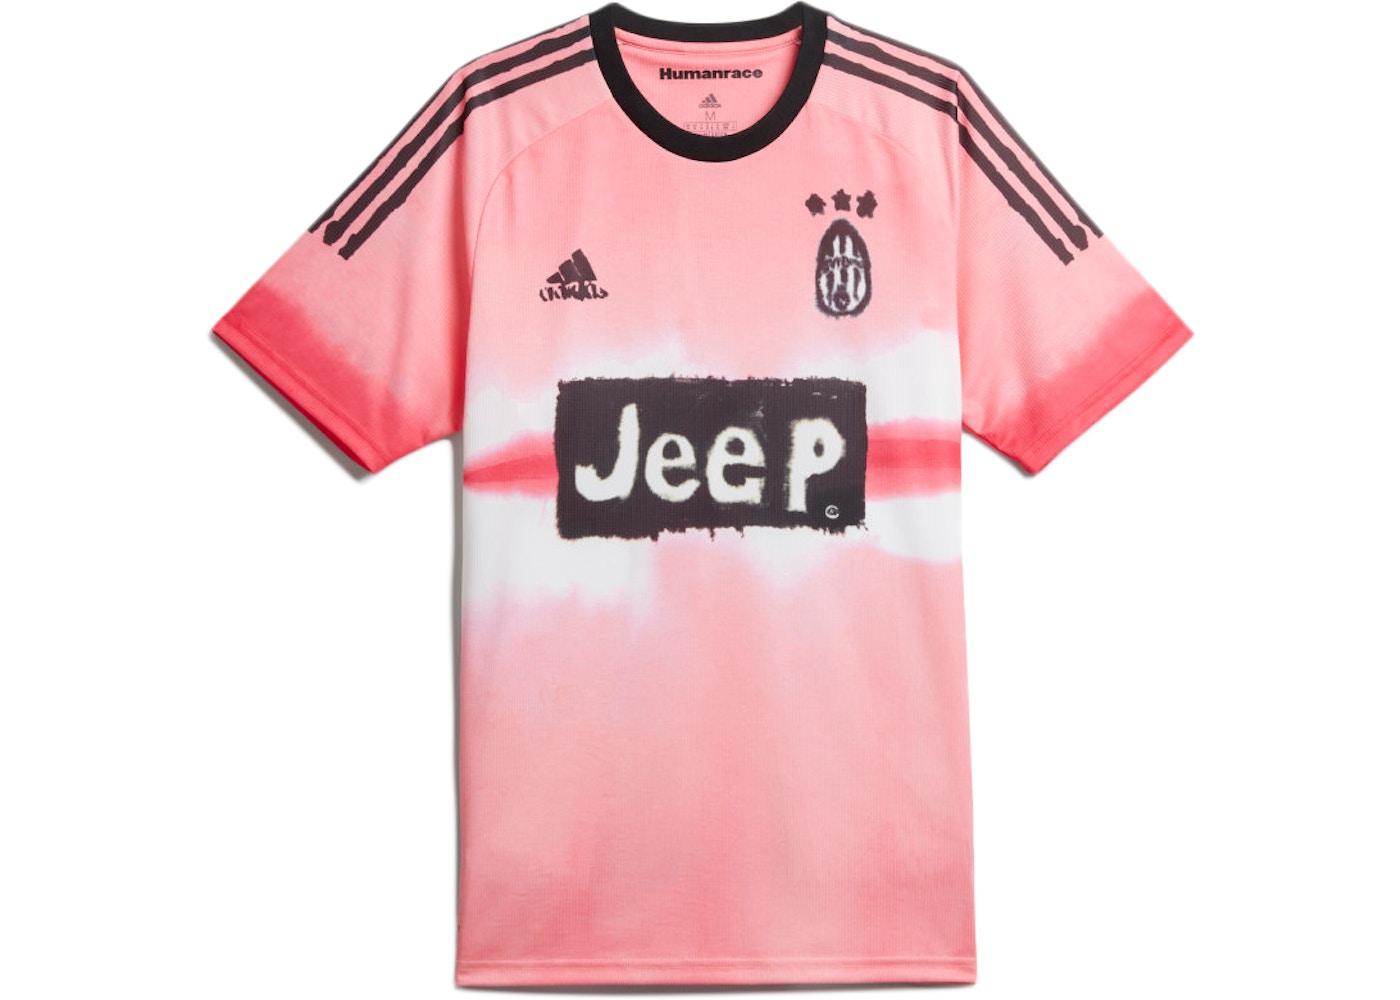 adidas Juventus Human Race Jersey Glow Pink/Black